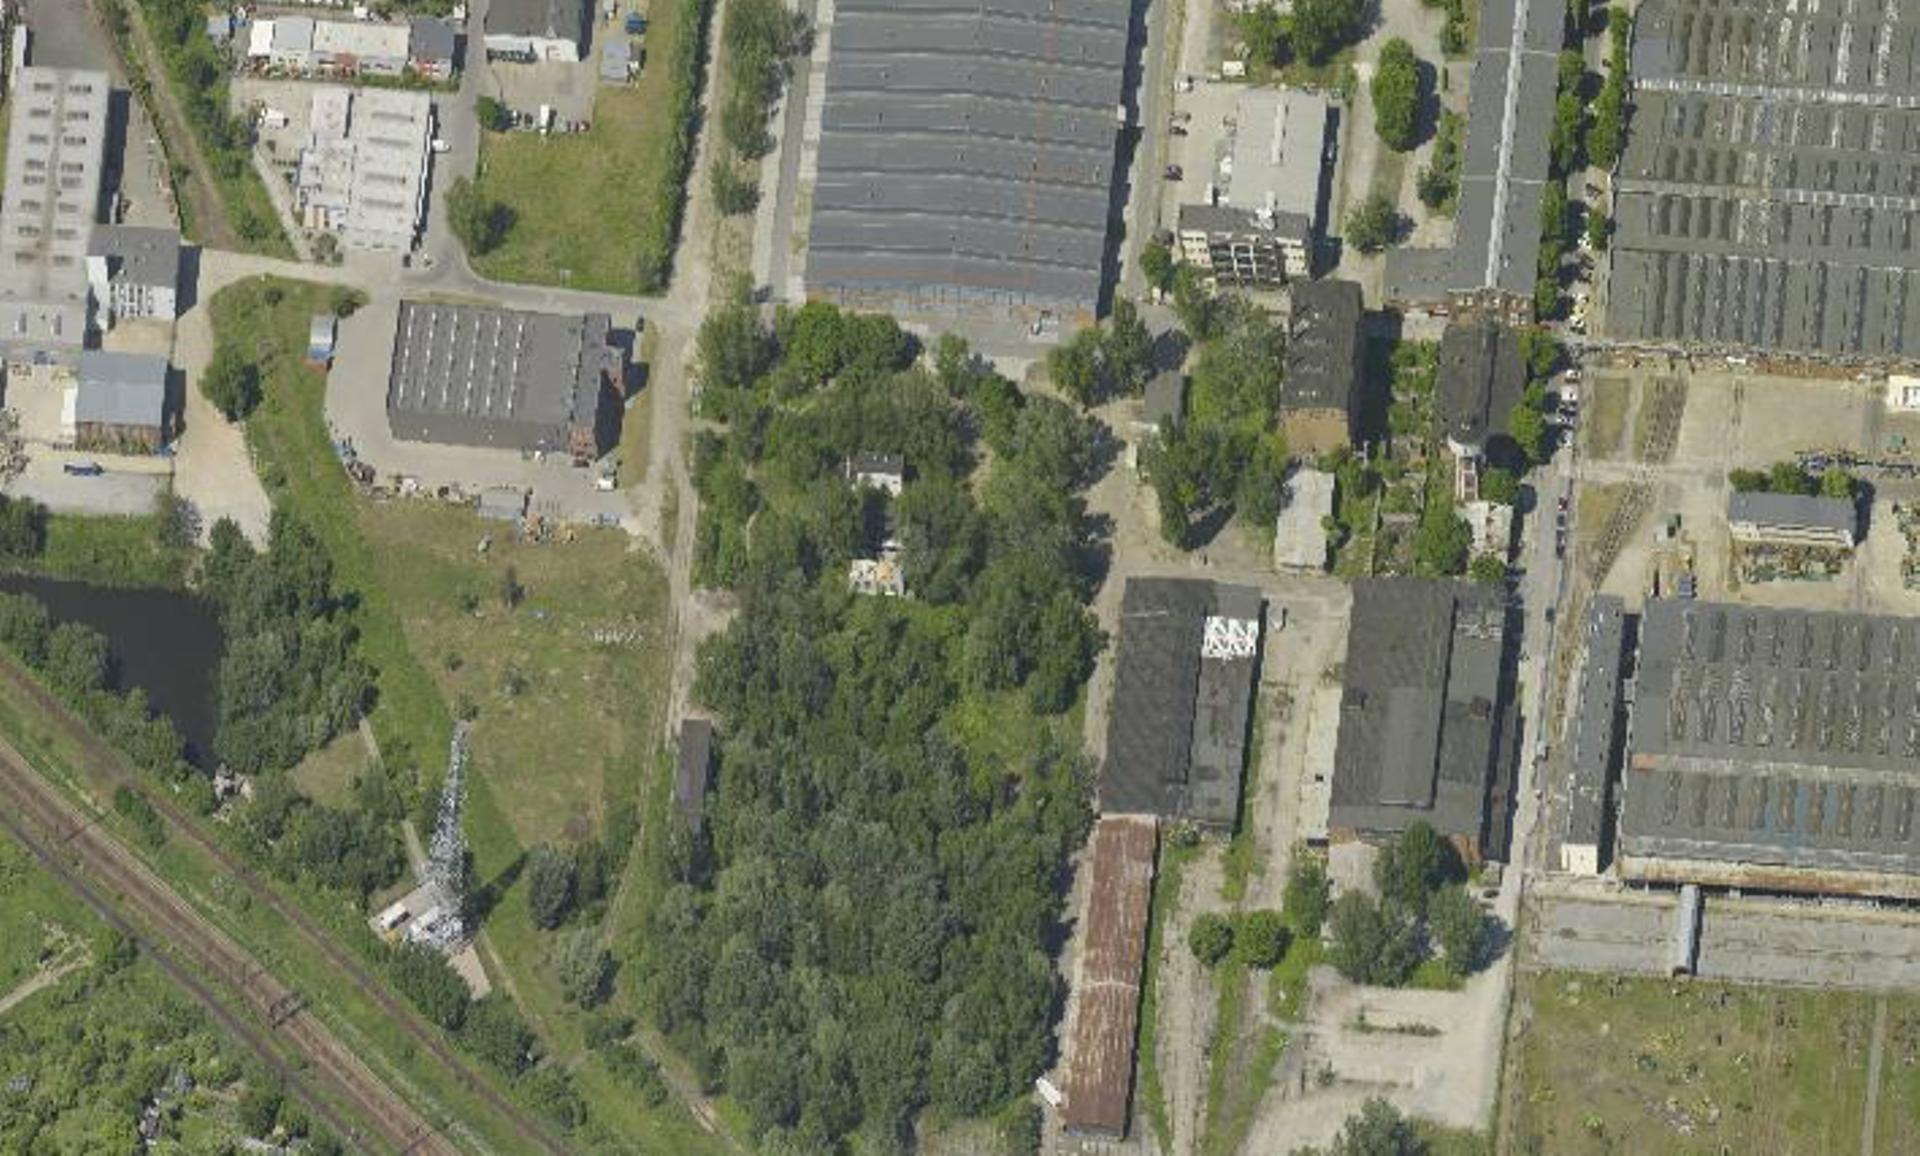 Wrocław: W sąsiedztwie Wrocławskiego Parku Przemysłowego stanie hotel